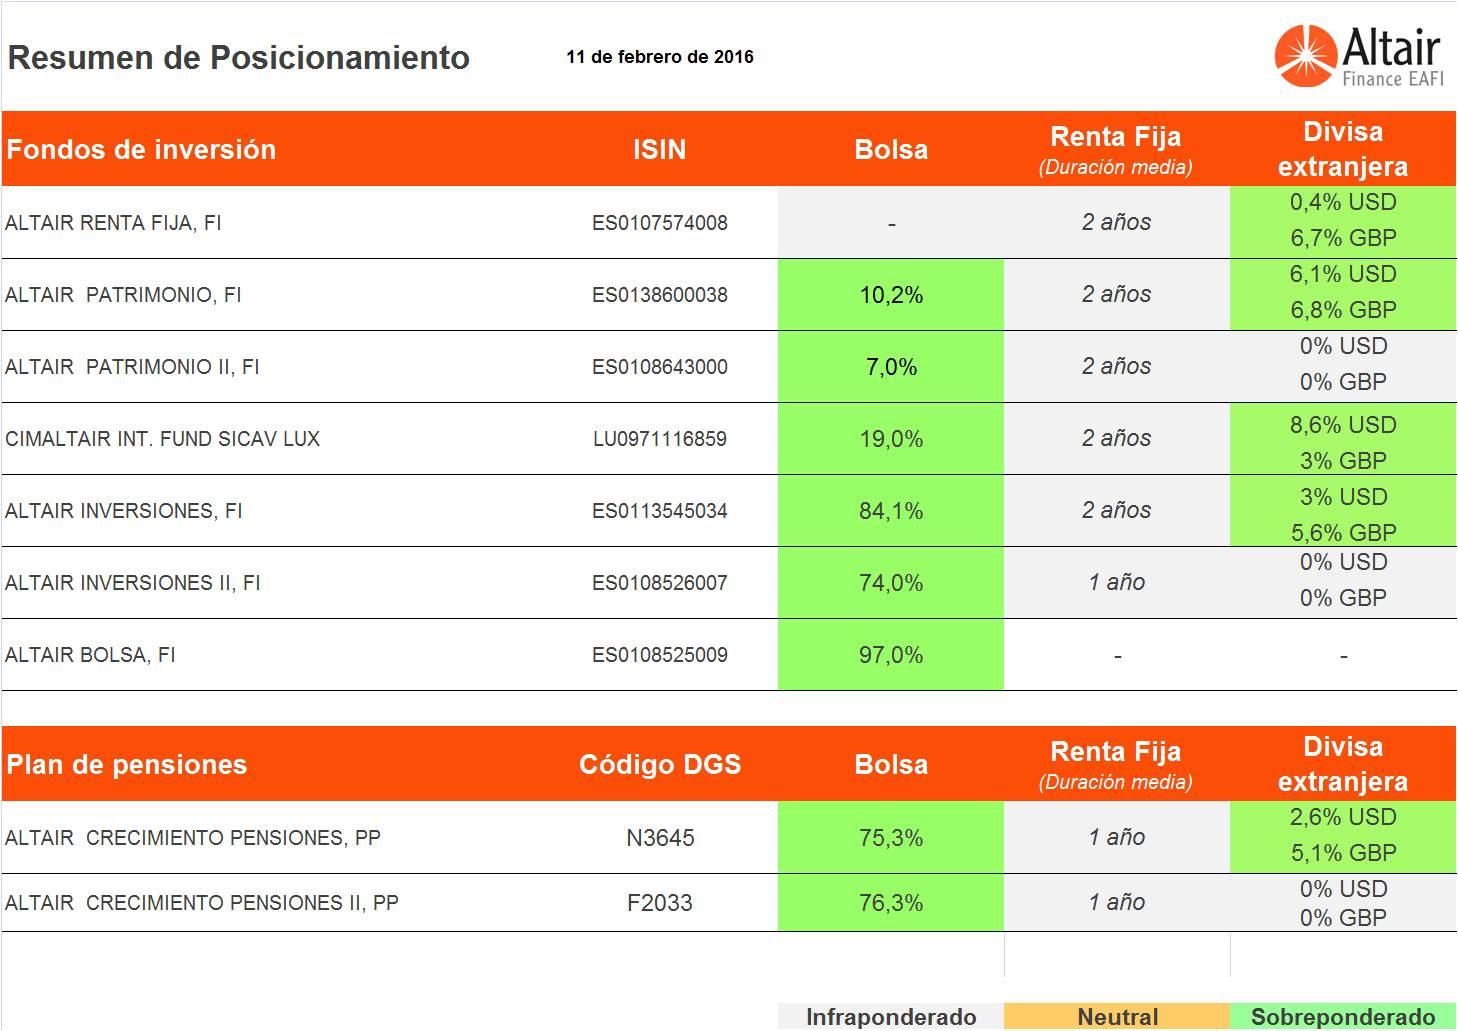 cuadro-posicionamiento-fondos-asesorados-Altair-Finance-15-febrero